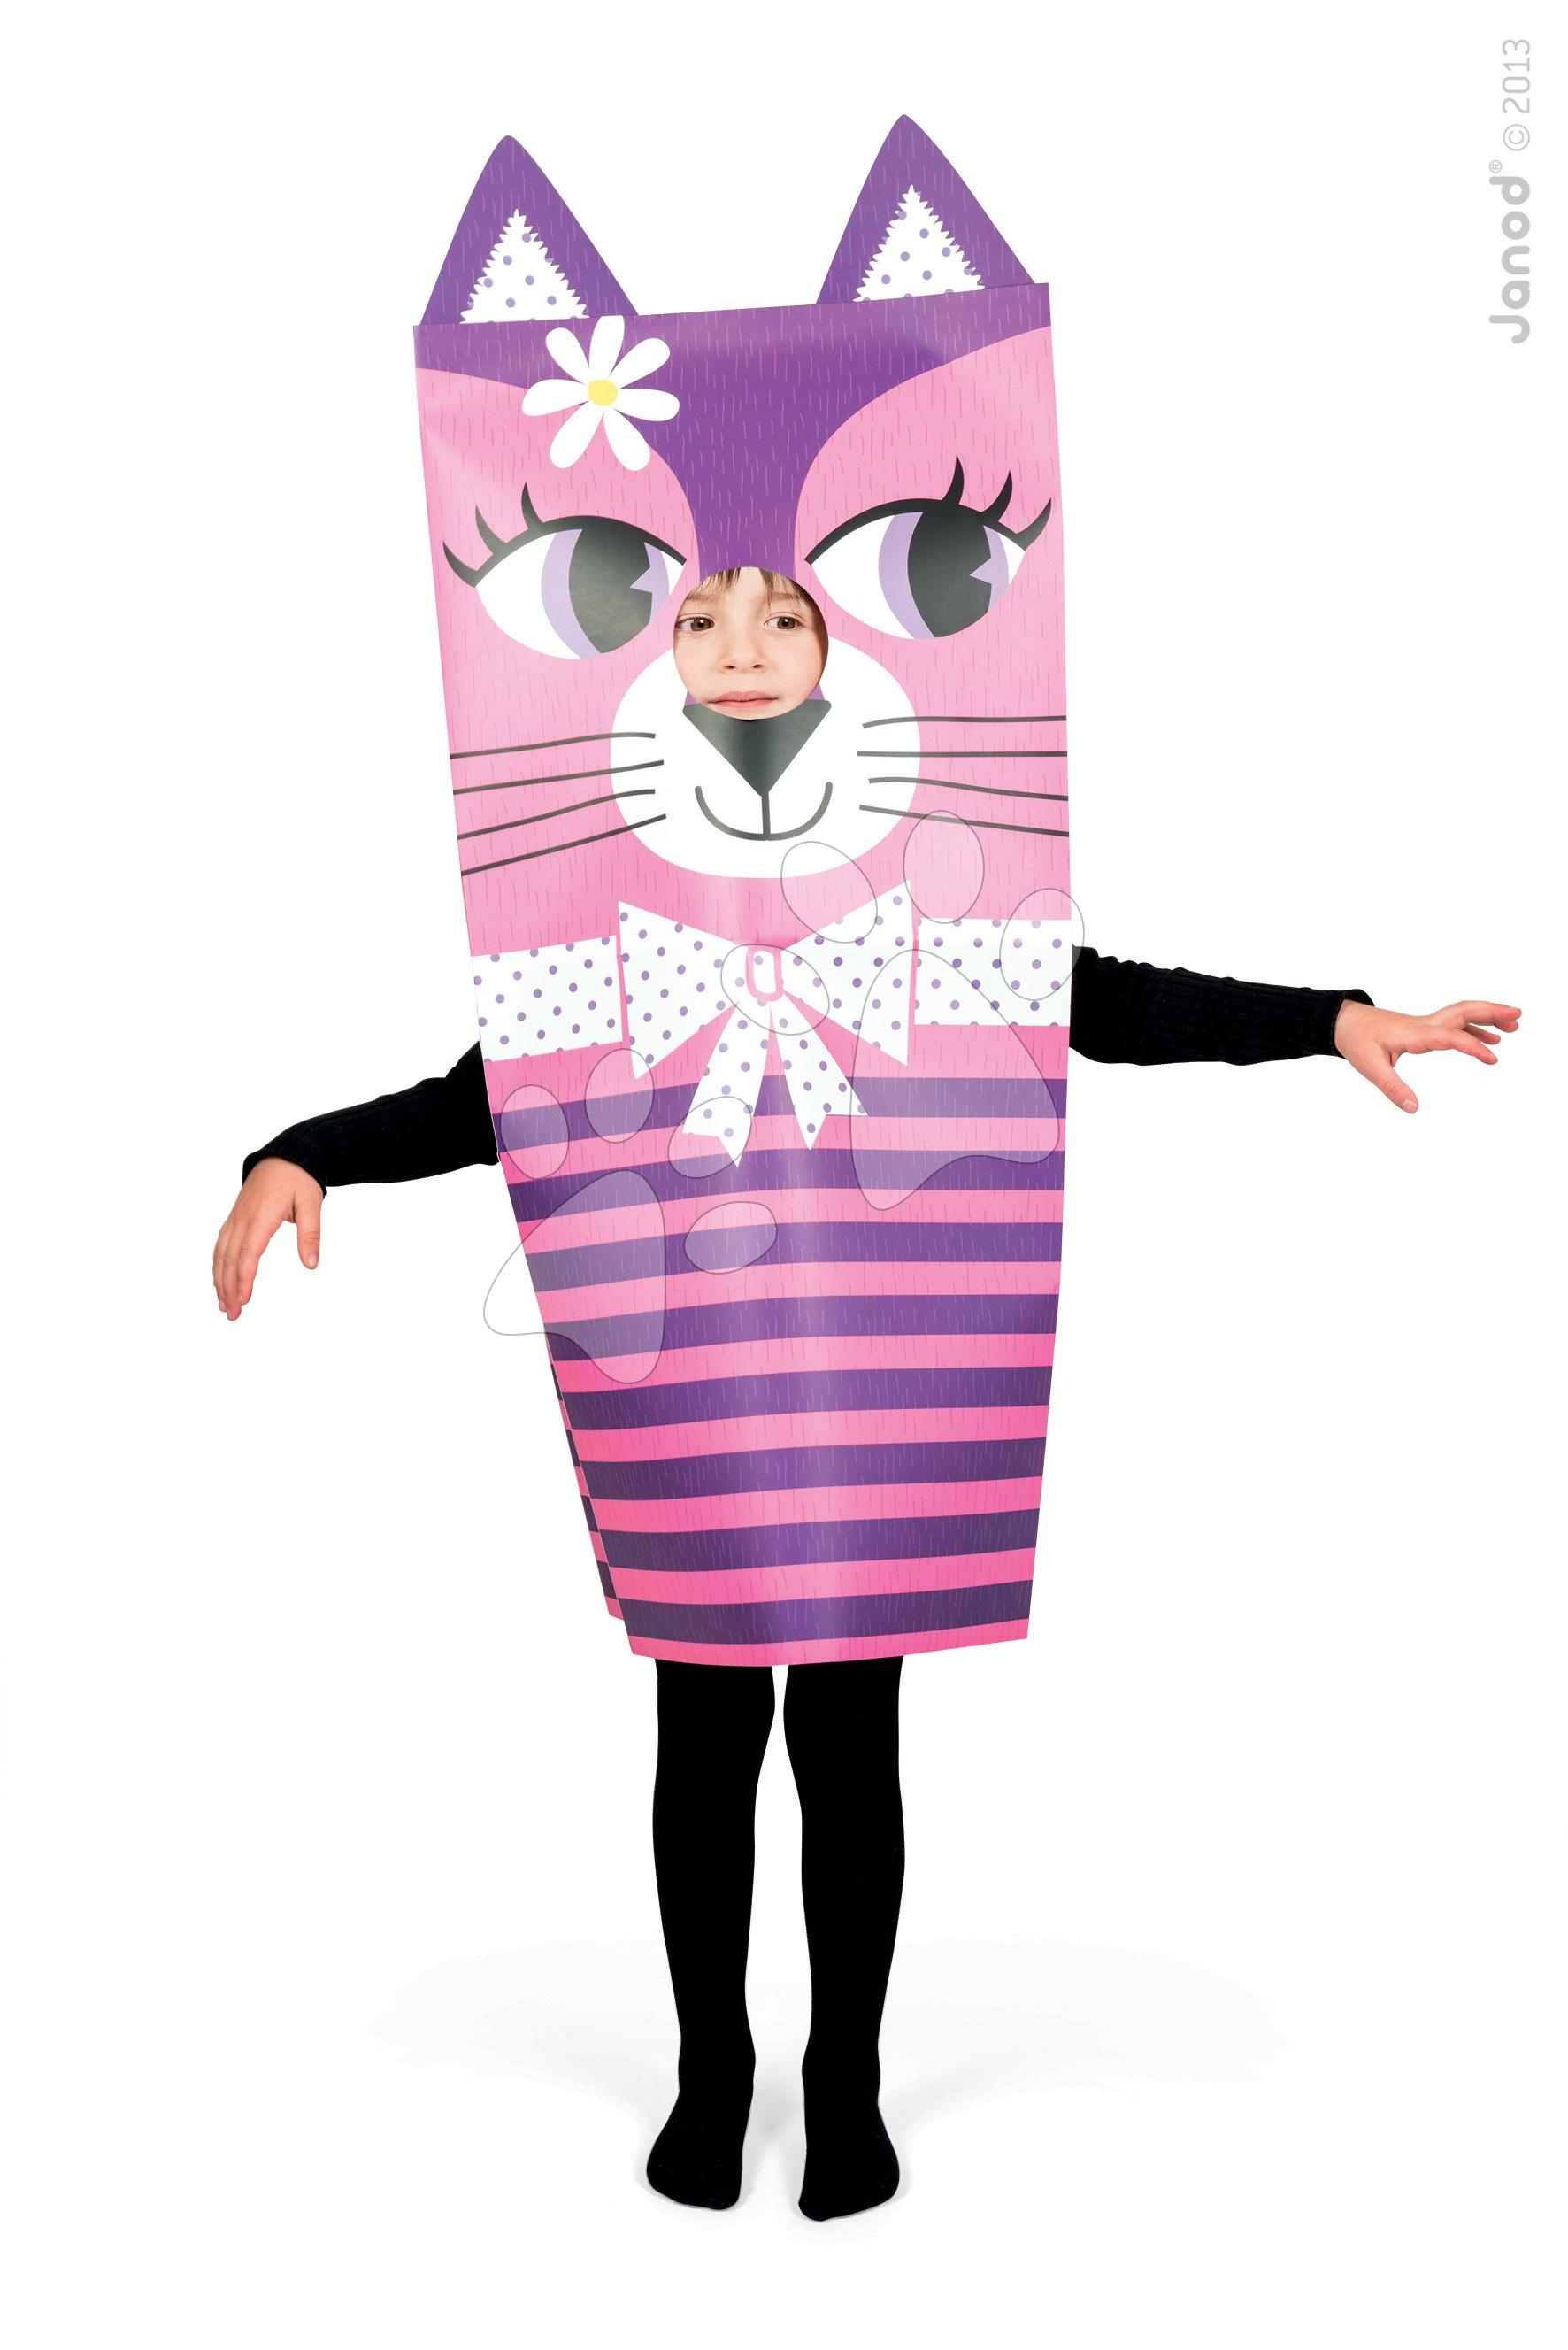 Ručné práce a tvorenie - Karnevalový kostým Mačka Sackanimo Janod